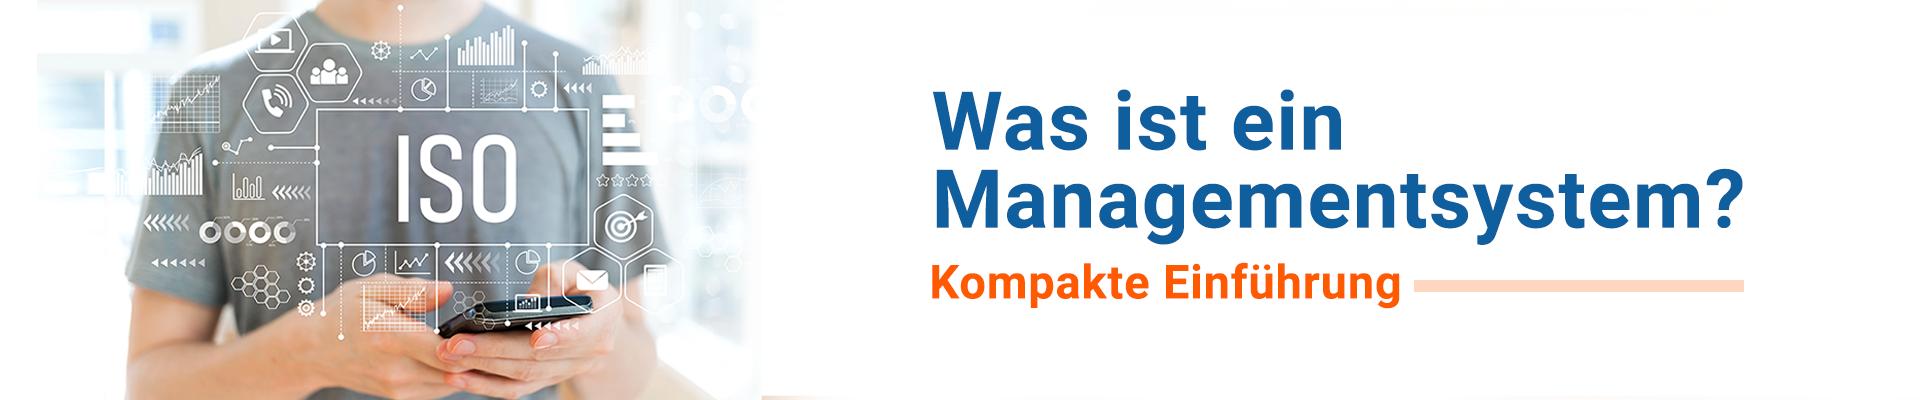 innolytics-was-ist-ein-management-system-slider